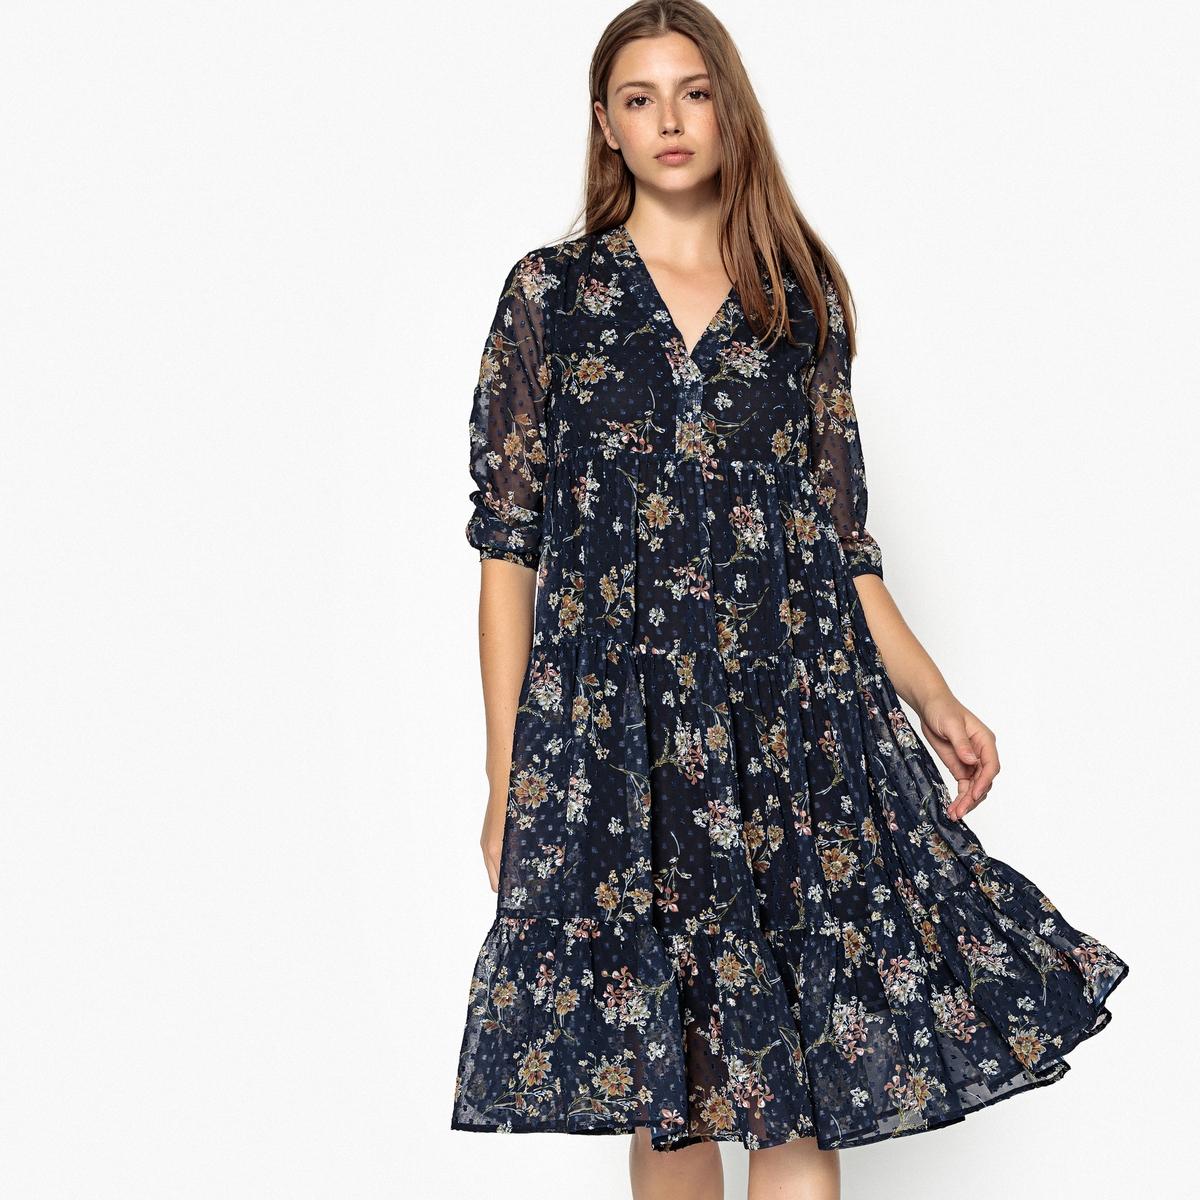 Платье расклешенное с цветочным принтом, длина миди, 3/4 платье с цветочным принтом